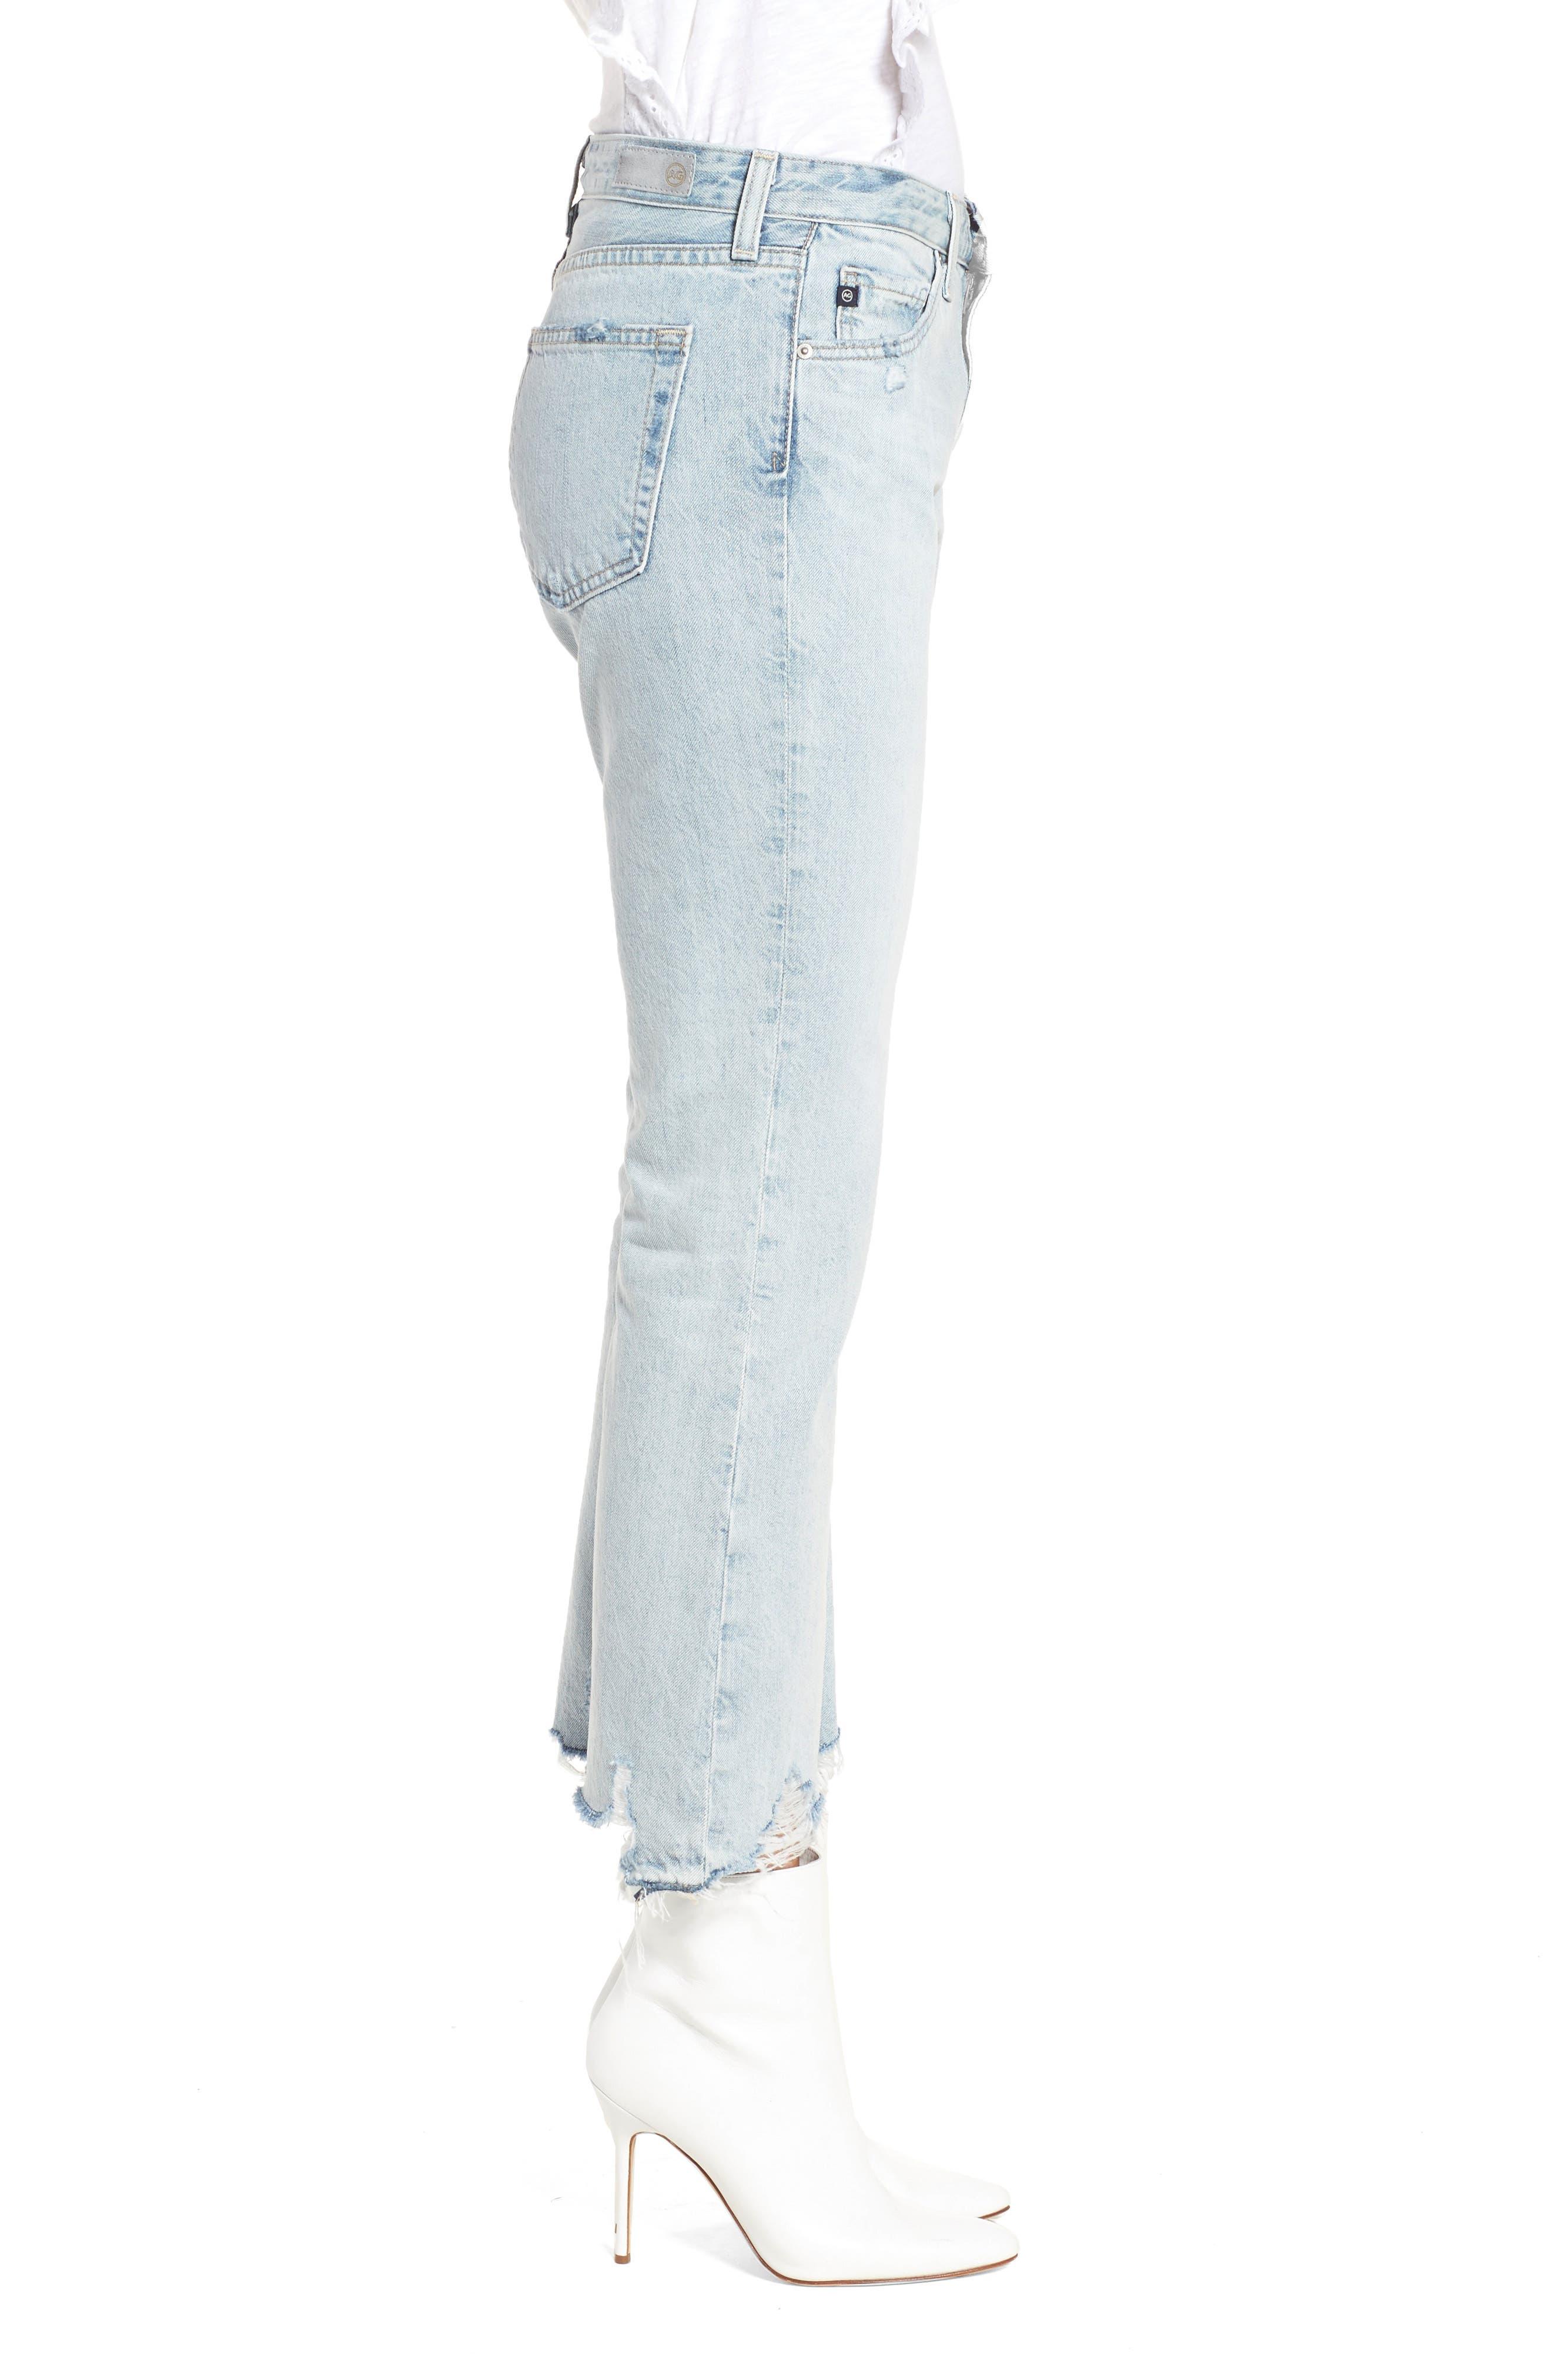 Jeans Jodi Crop Jeans,                             Alternate thumbnail 3, color,                             455